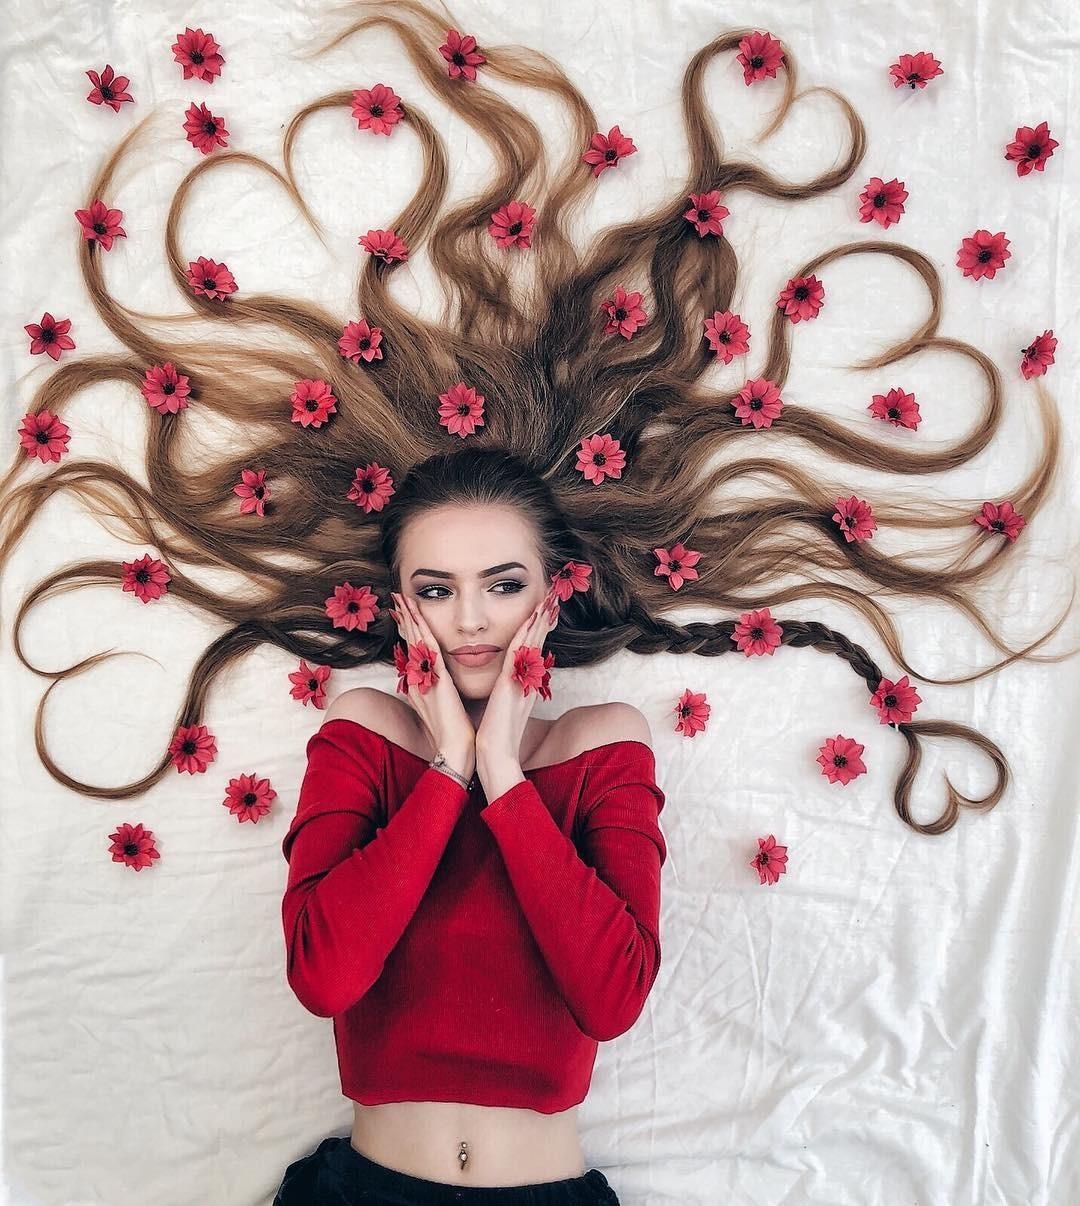 Голландская Рапунцель создает фантастические картины из собственных волос